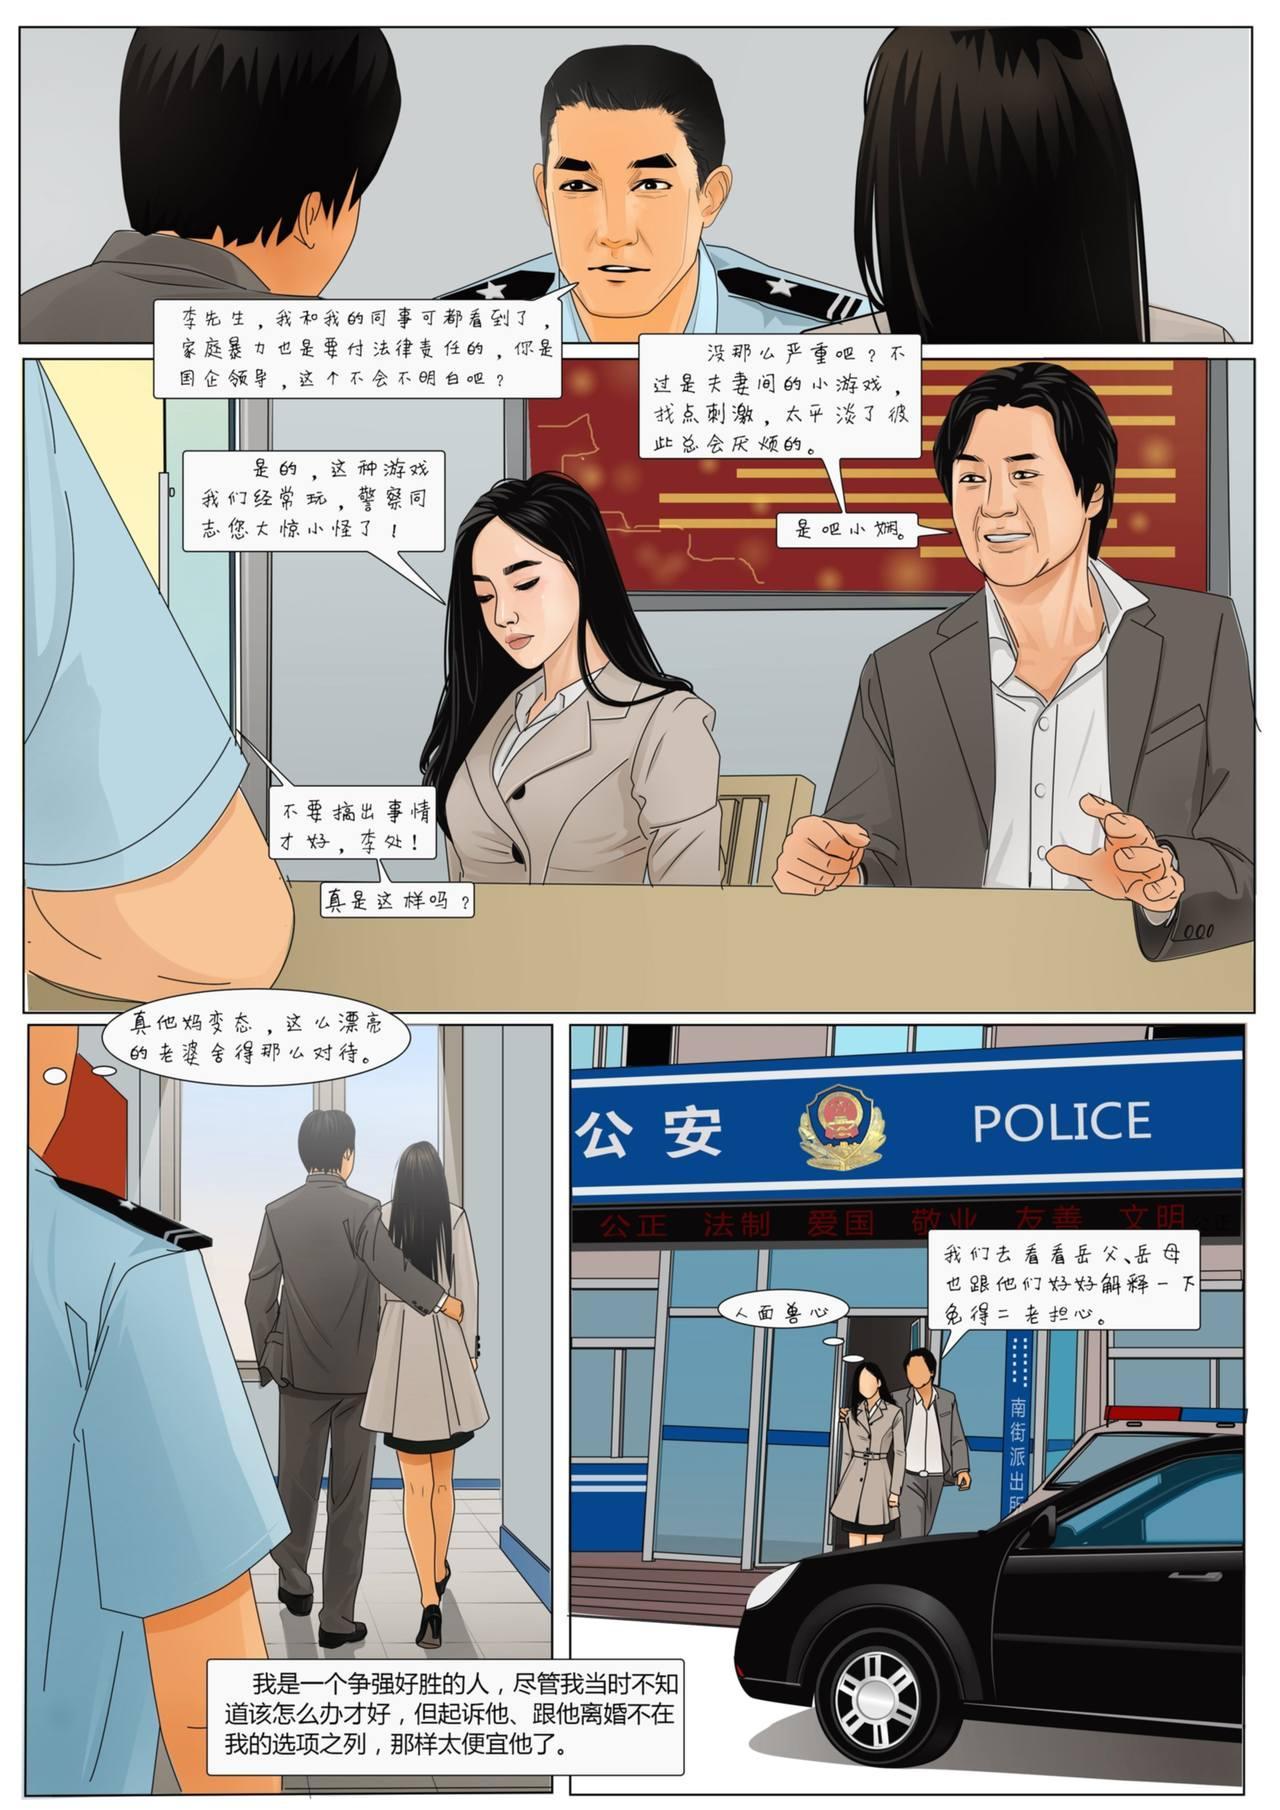 [枫语]Three Female Prisoners 3 [Chinese]中文 4